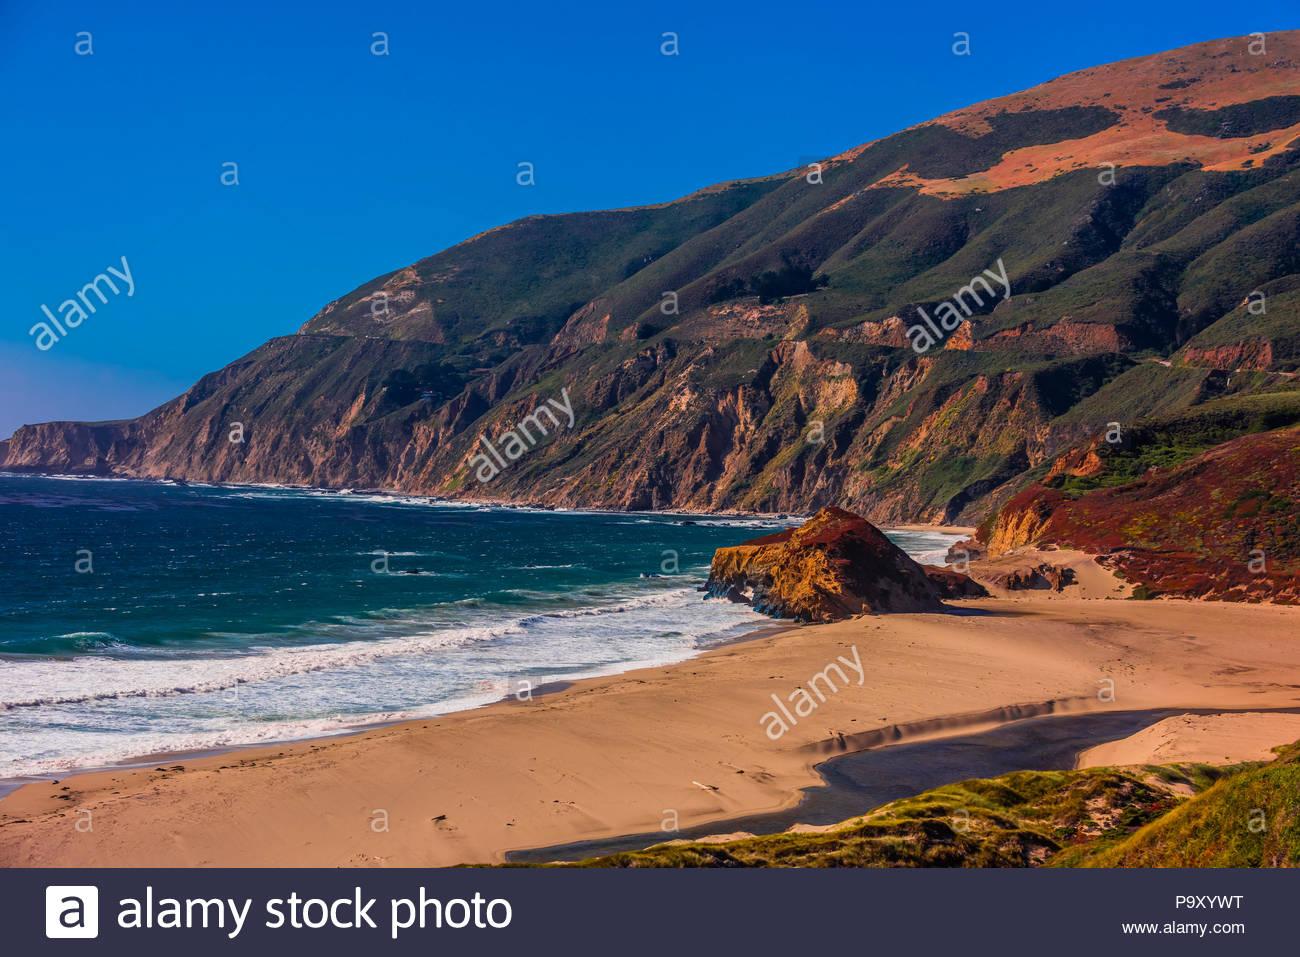 Die robusten Big Sur Küste entlang der Autobahn 1, zwischen Carmel Highlands und Big Sur, Monterey County, Kalifornien, USA. Stockbild